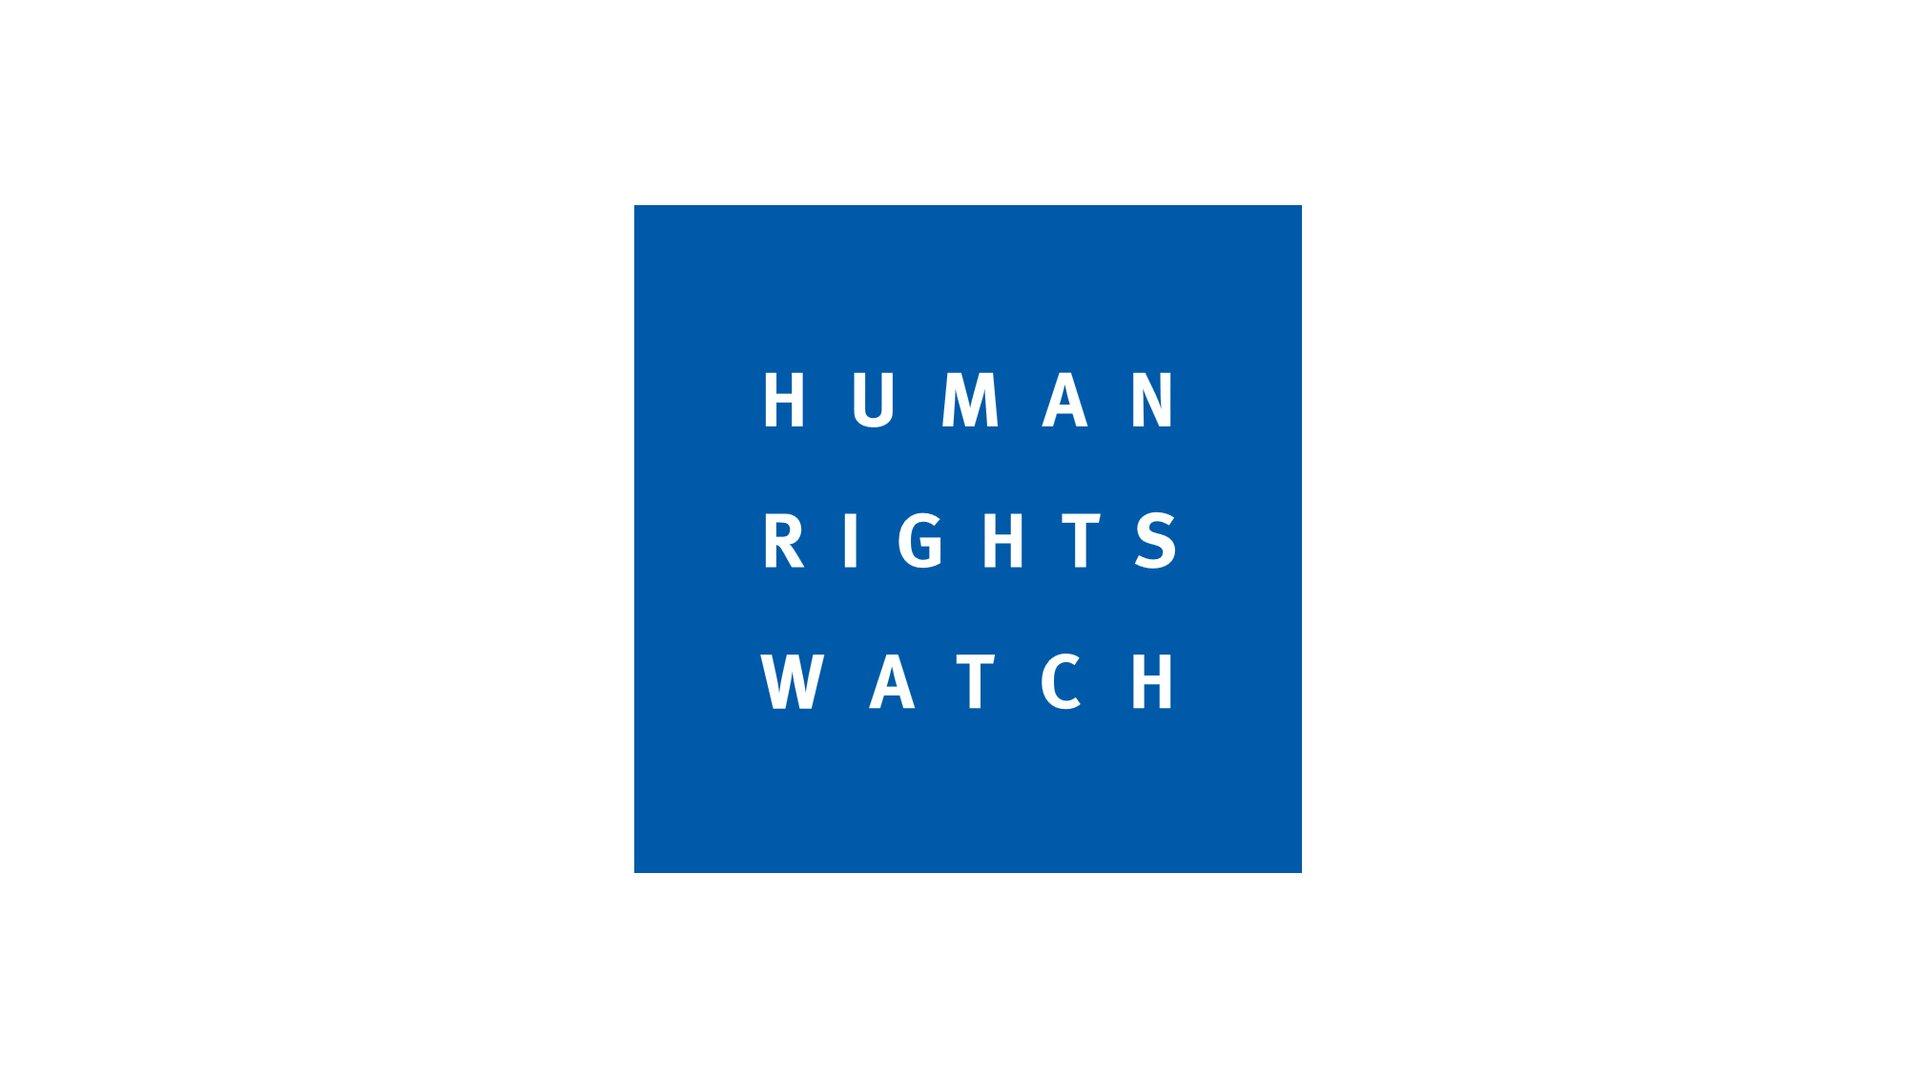 Human Rights Watch (HRW) to pozarządowa organizacja zajmująca się ochroną praw człowieka Źródło: Mononomic, Human Rights Watch (HRW) to pozarządowa organizacja zajmująca się ochroną praw człowieka, licencja: CC 0.